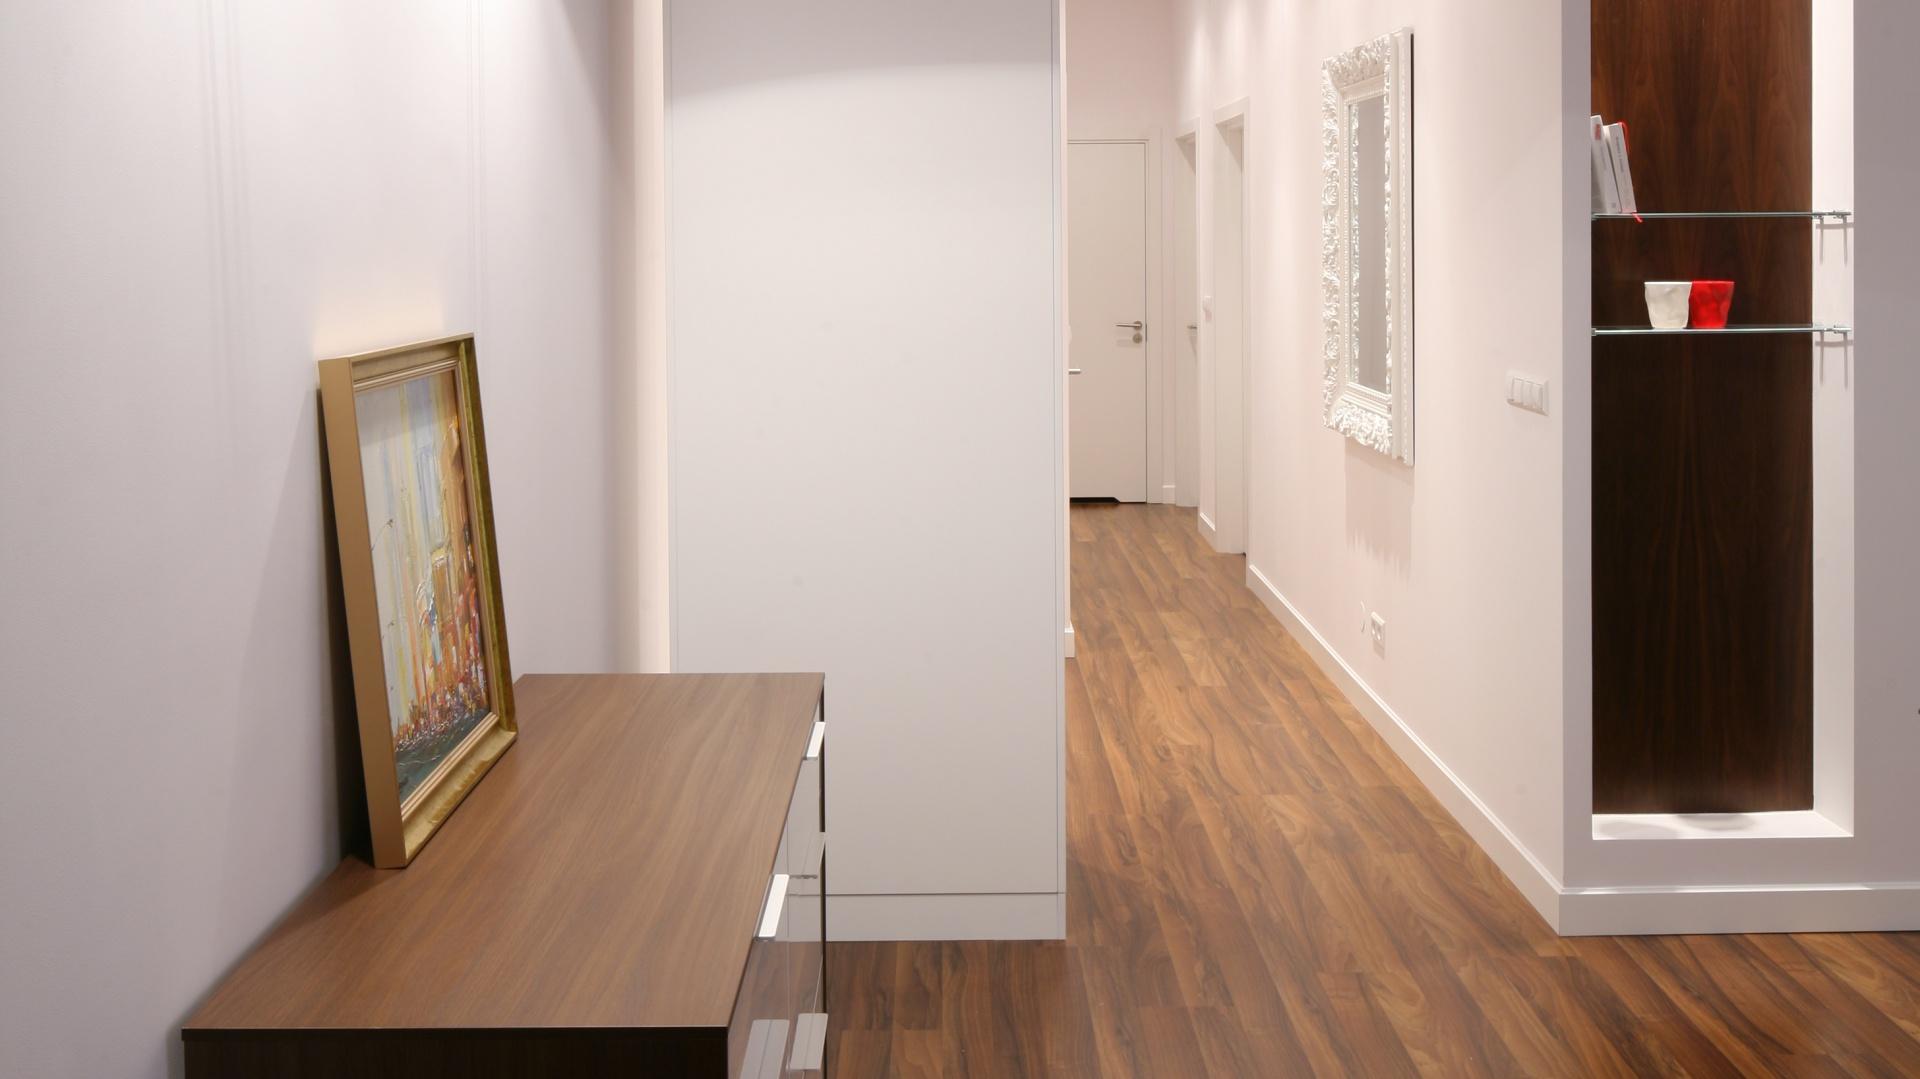 Wąski korytarz stanowi ciąg komunikacyjny pomiędzy poszczególnymi pomieszczeniami. Urządzony w czystej bieli, która optycznie powiększa przestrzeń, ocieplony został drewnianymi elementami. Projekt: Katarzyna Merta Korzniakowo. Fot. Bartosz Jarosz.